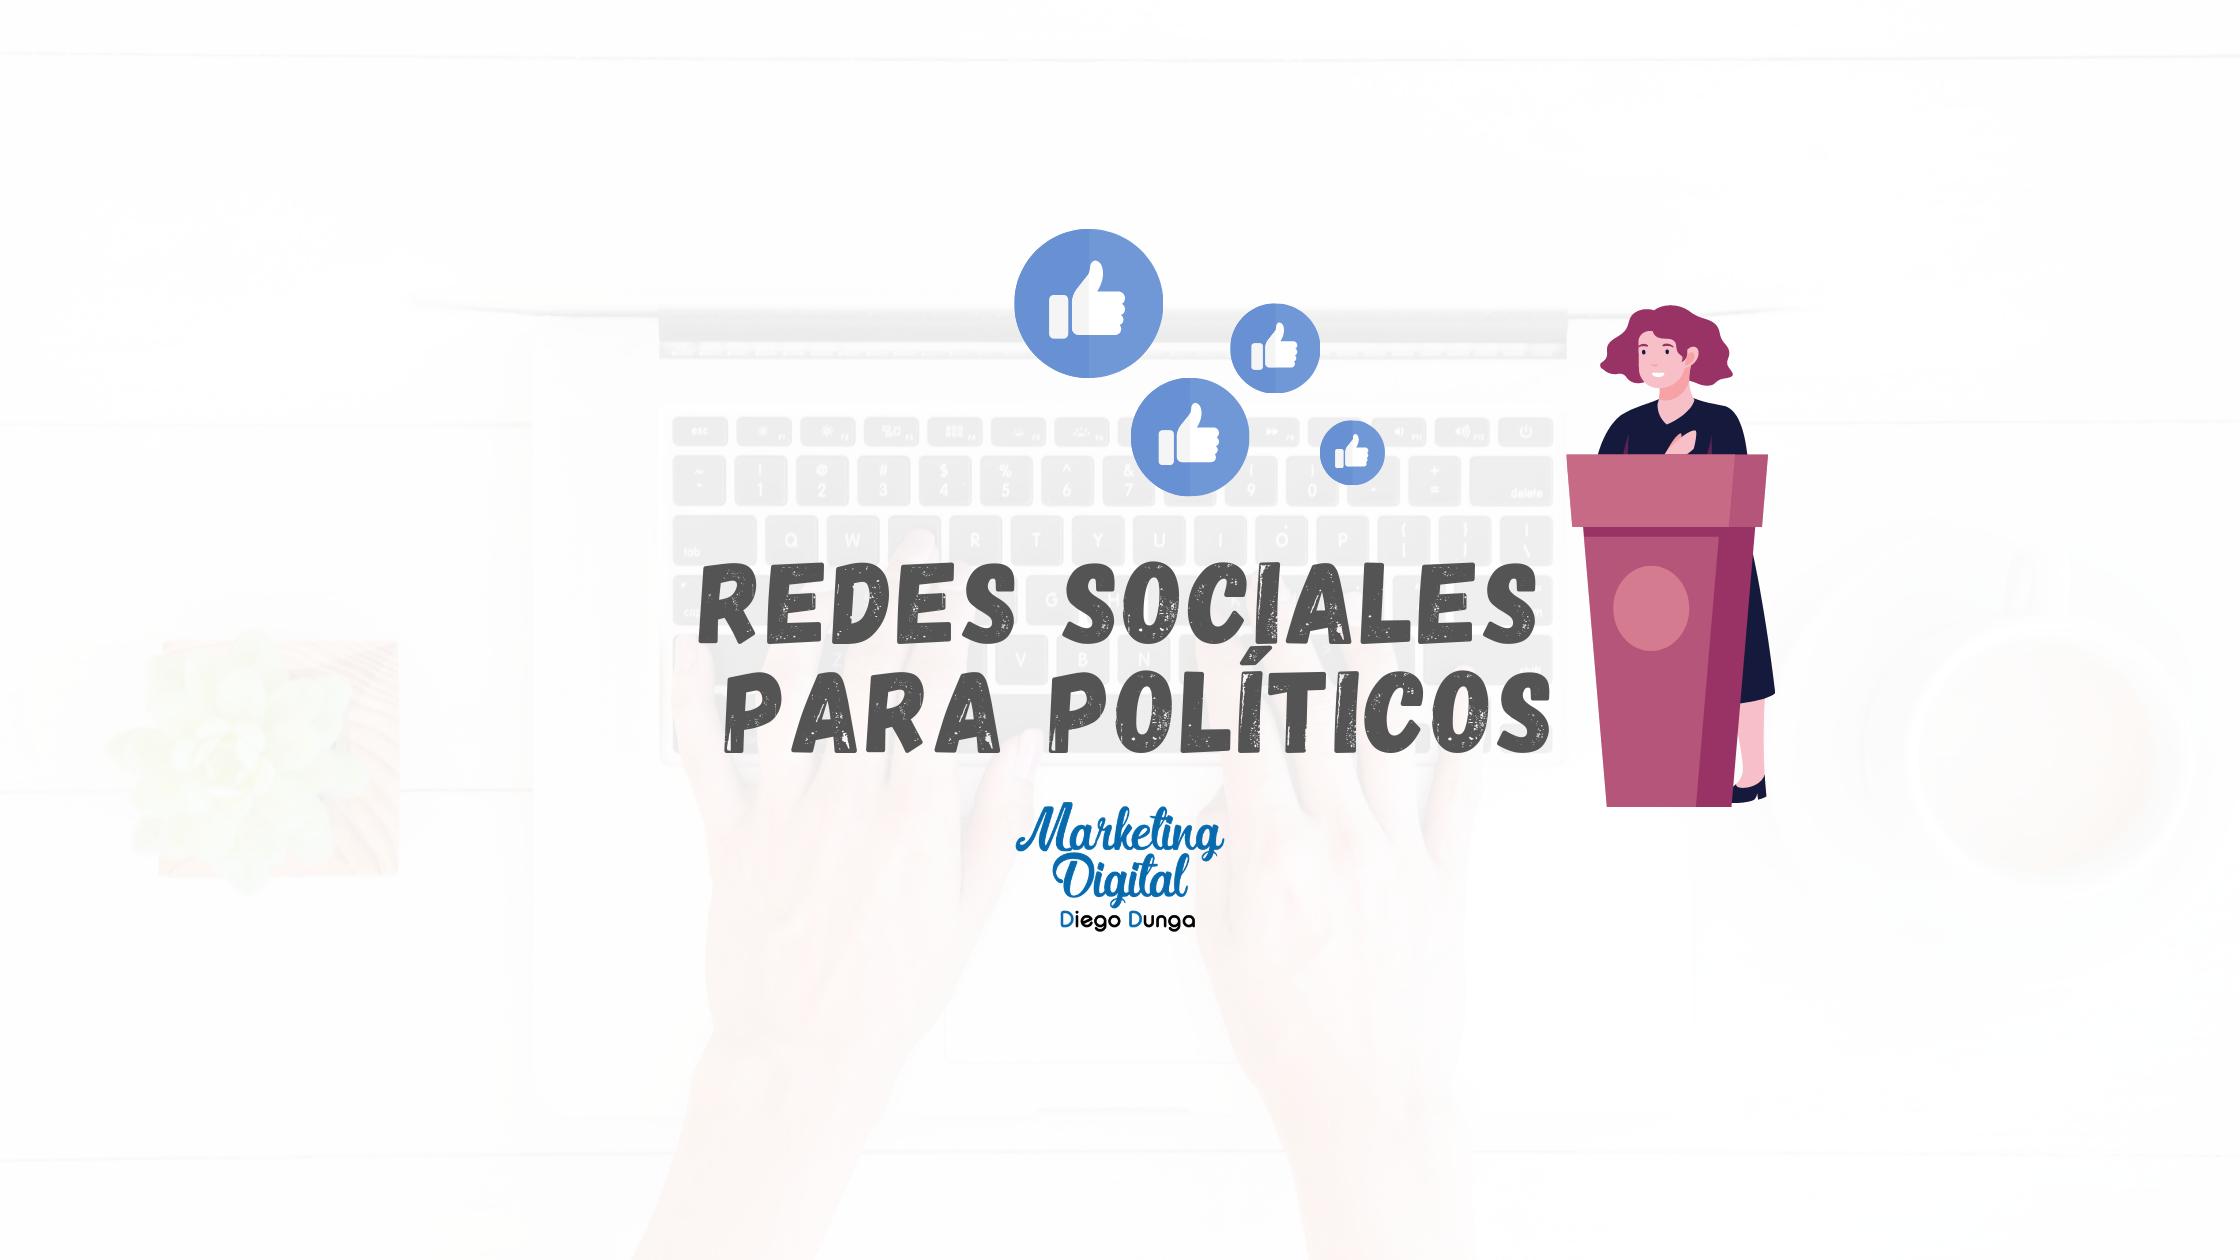 redes sociales para politicos